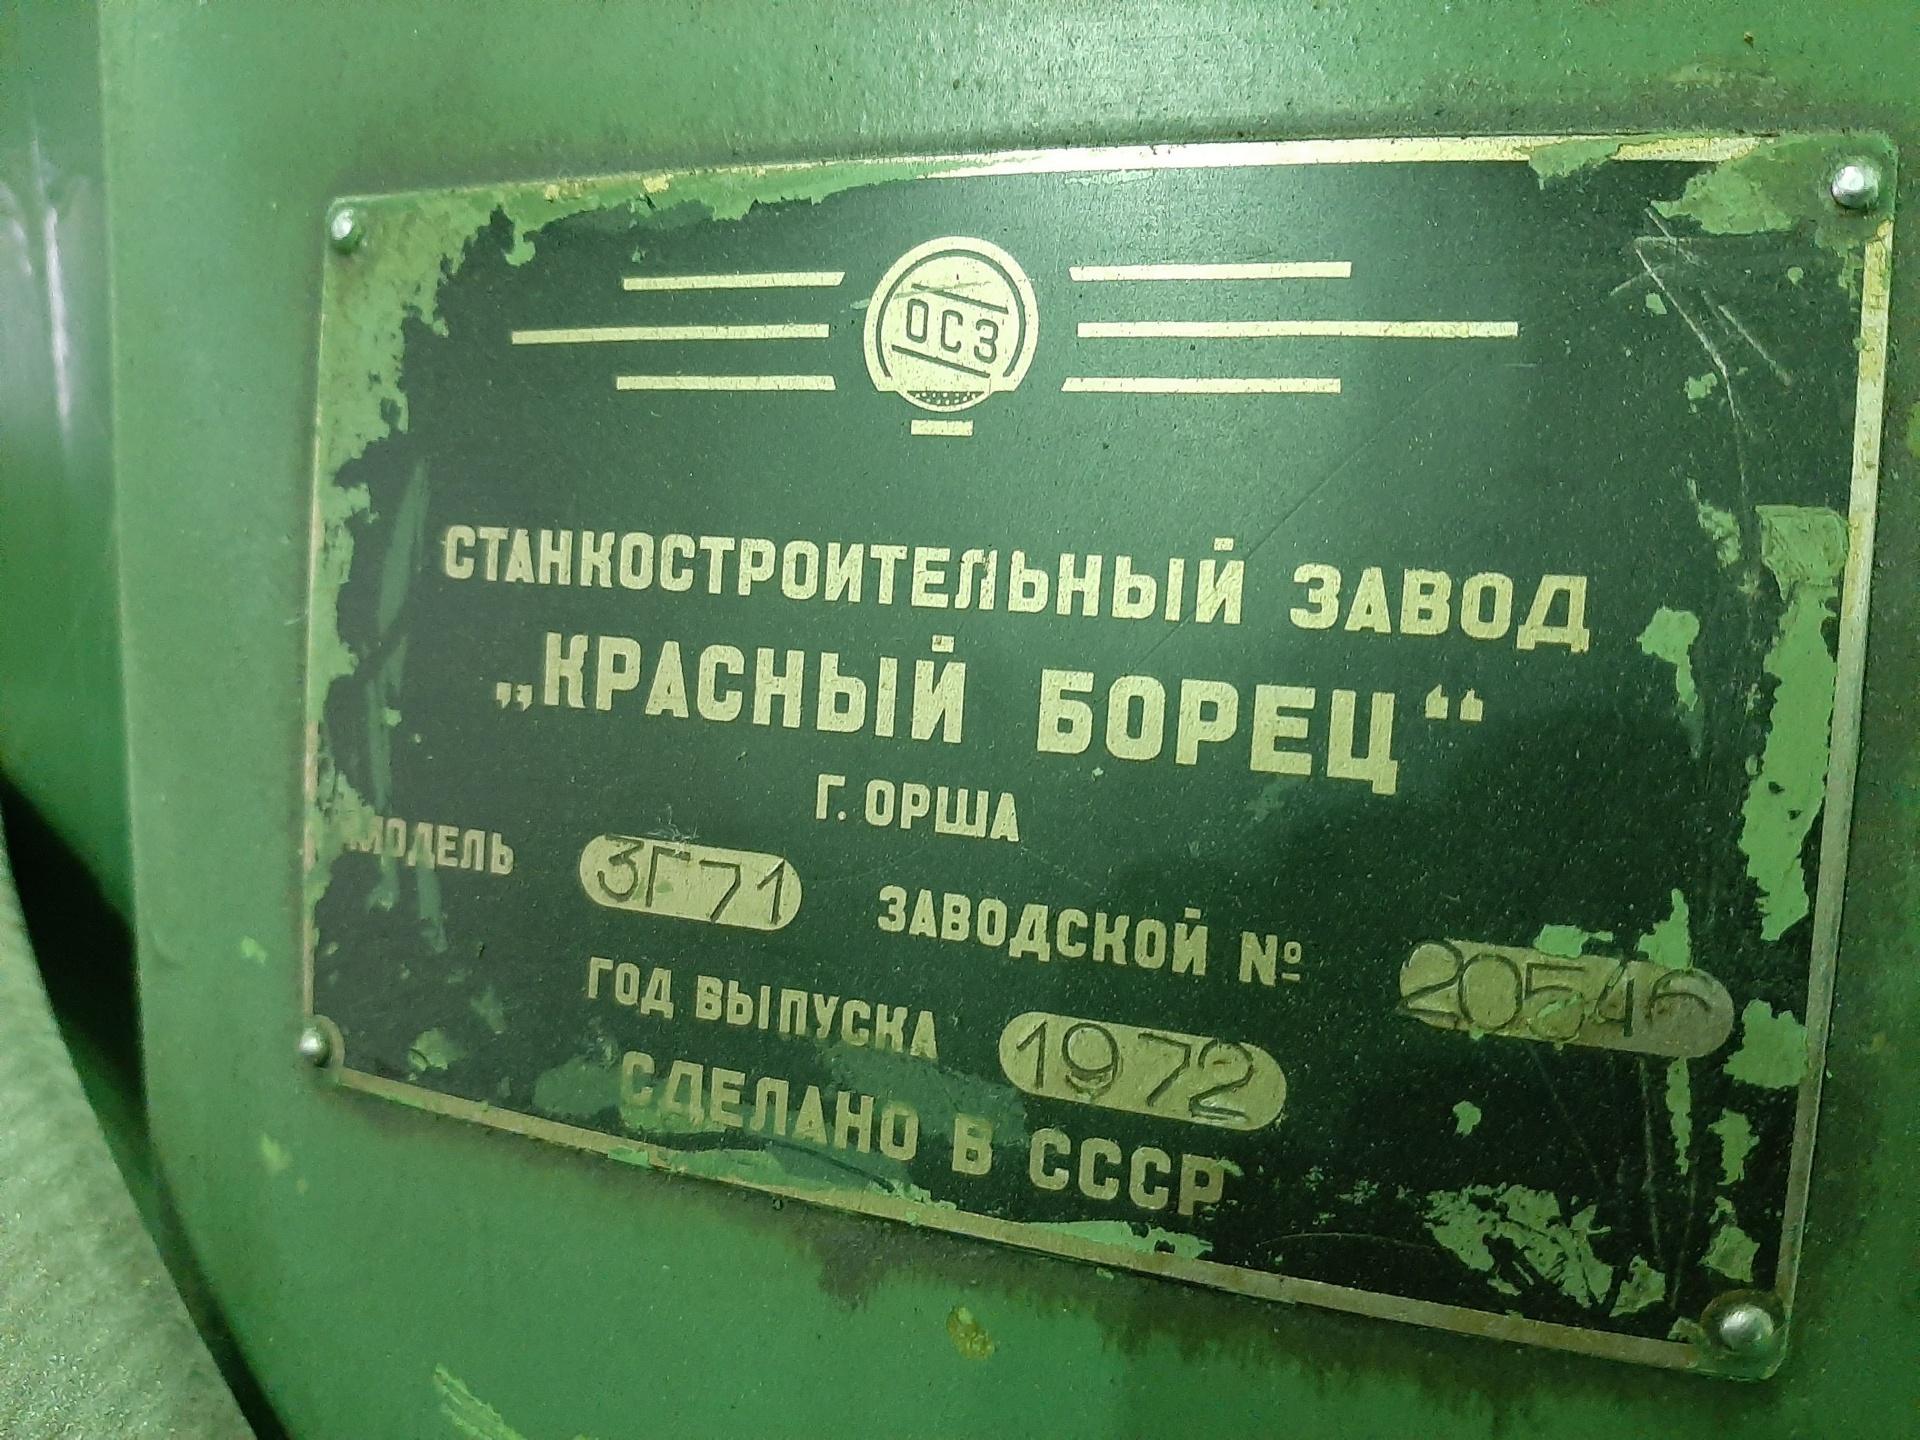 3г71 характеристики станка